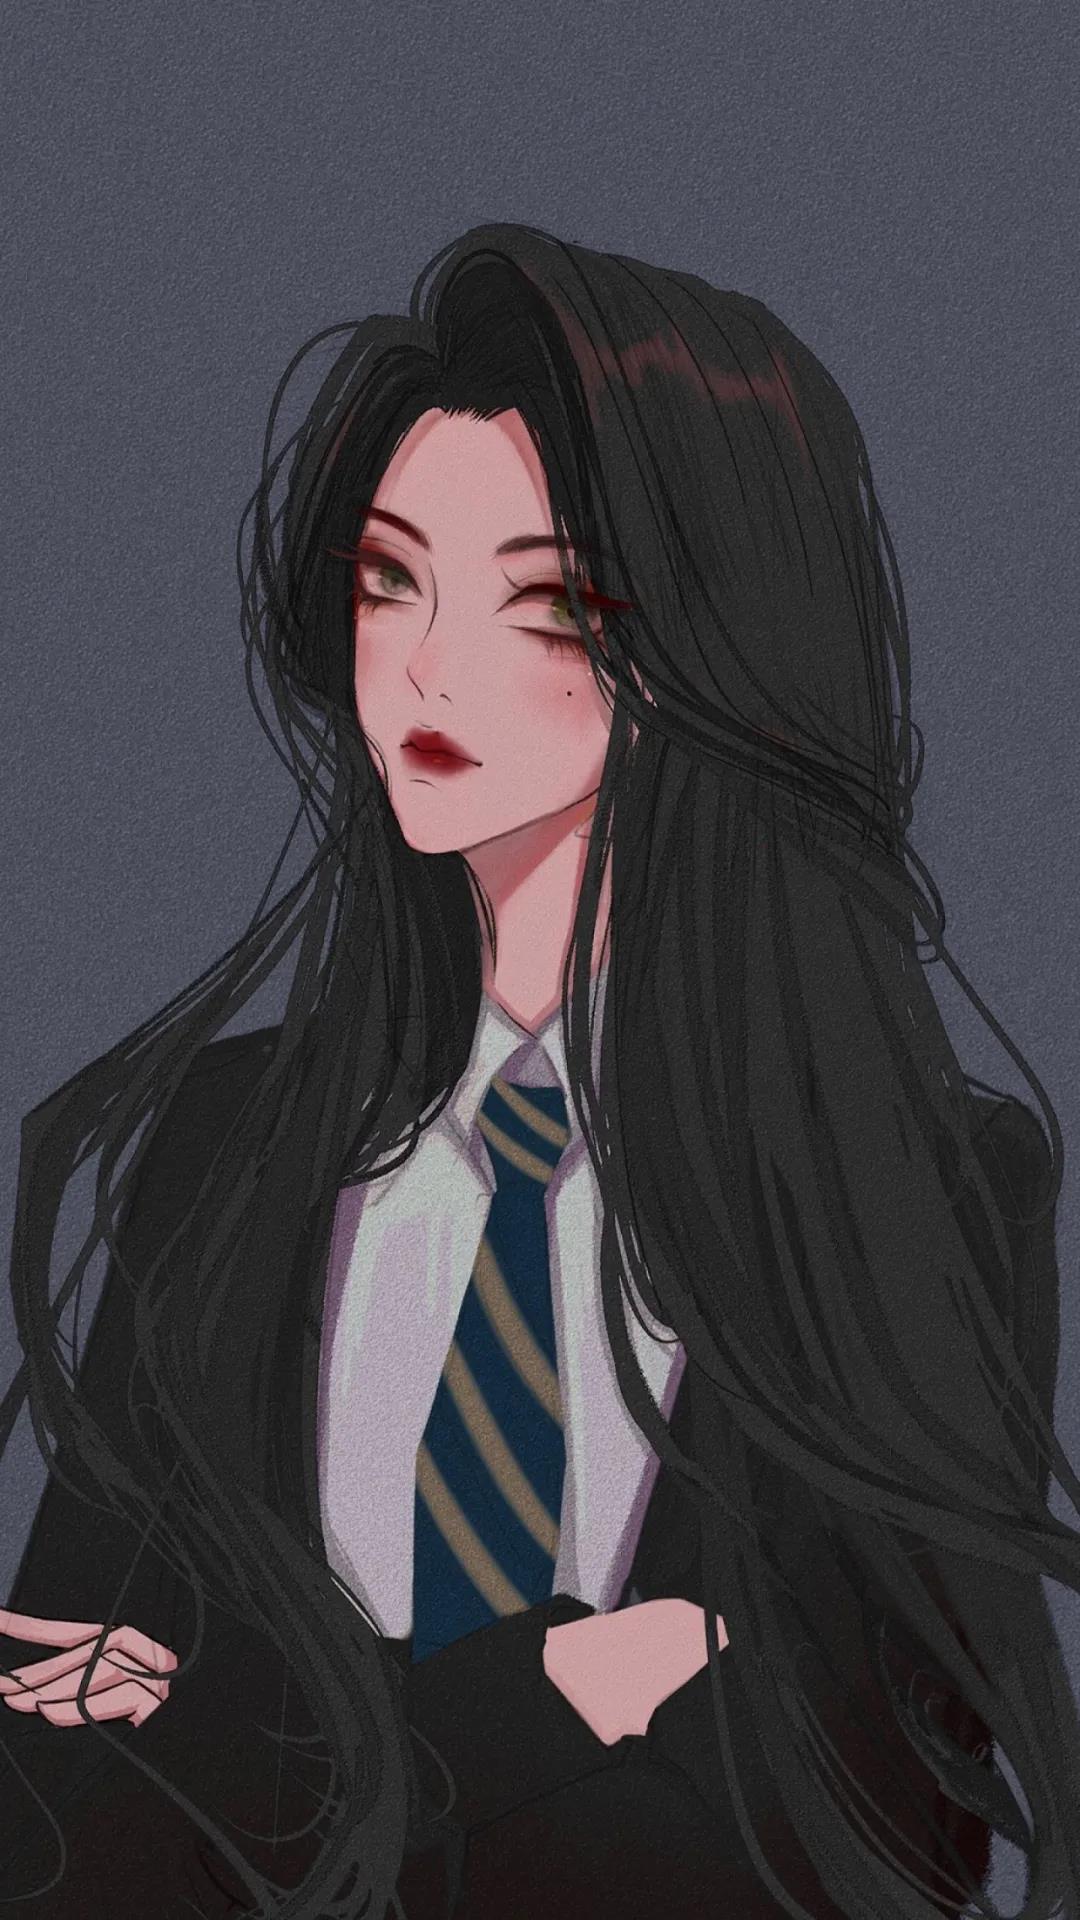 高冷酷girl二次元动漫女生手机壁纸图片